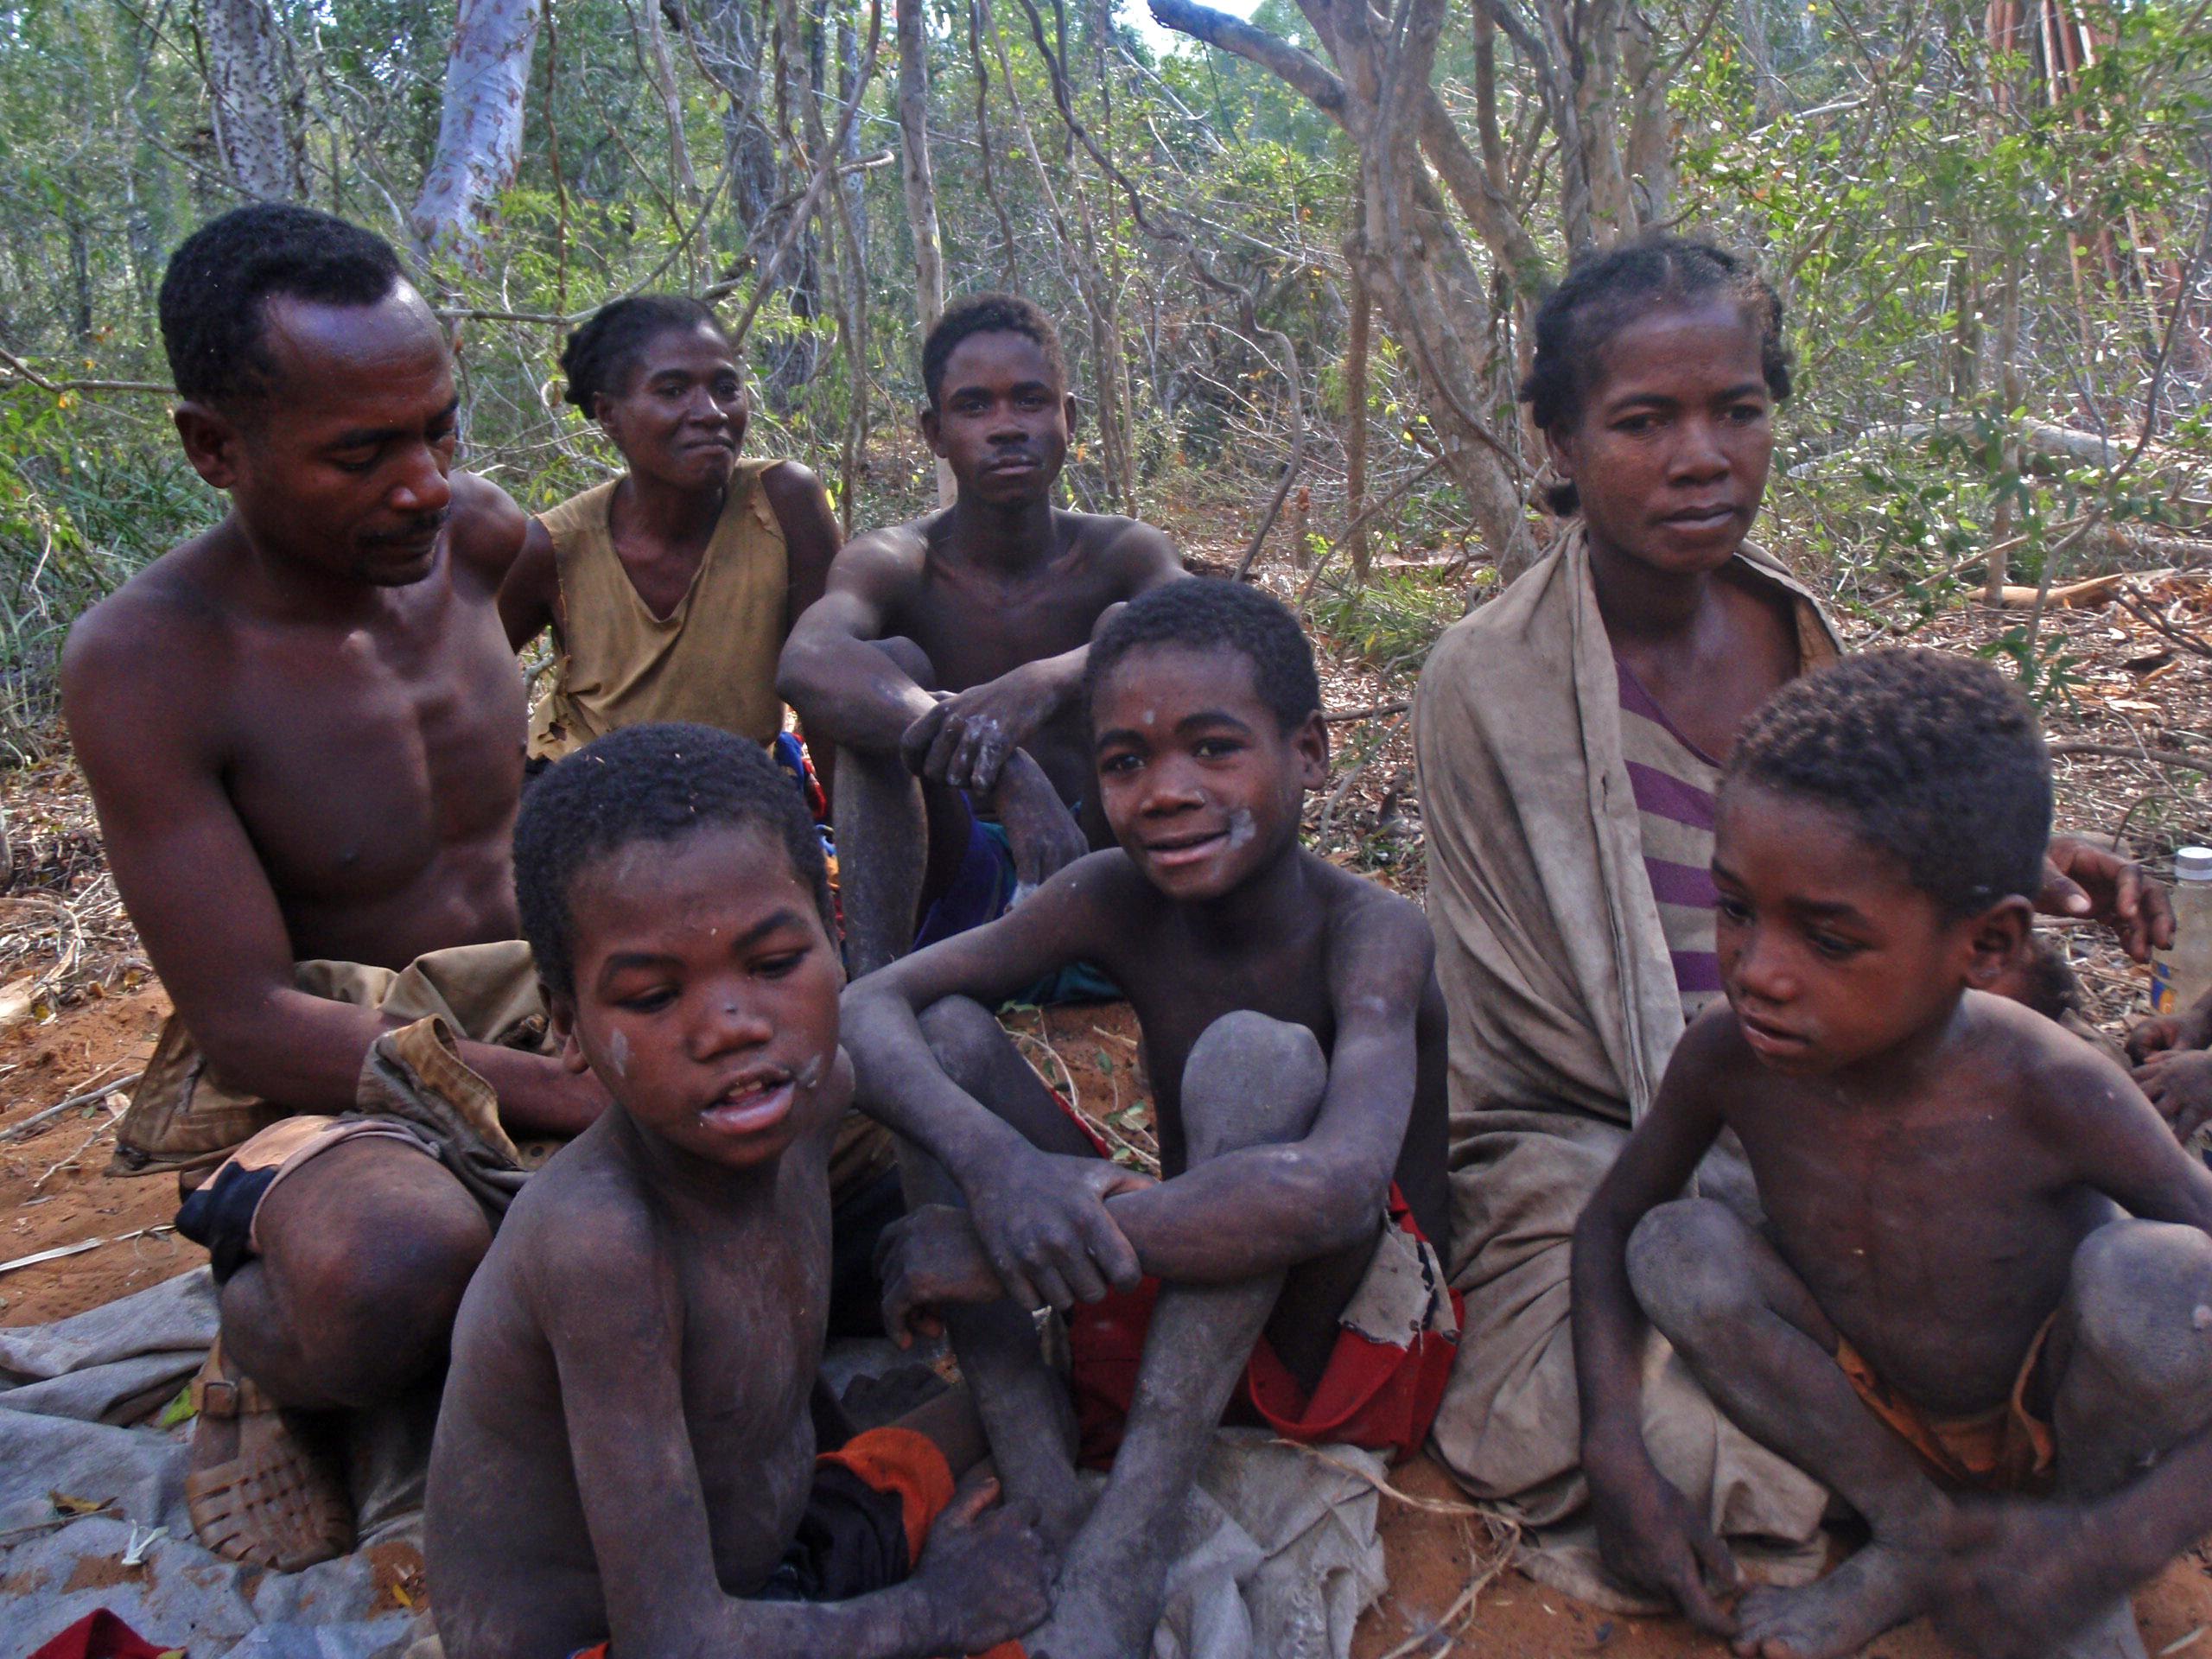 Groupe de Mitjinsobe, ces mikea vivent en pleine forêt sur la piste qui relie Ampasikibo à Salary.